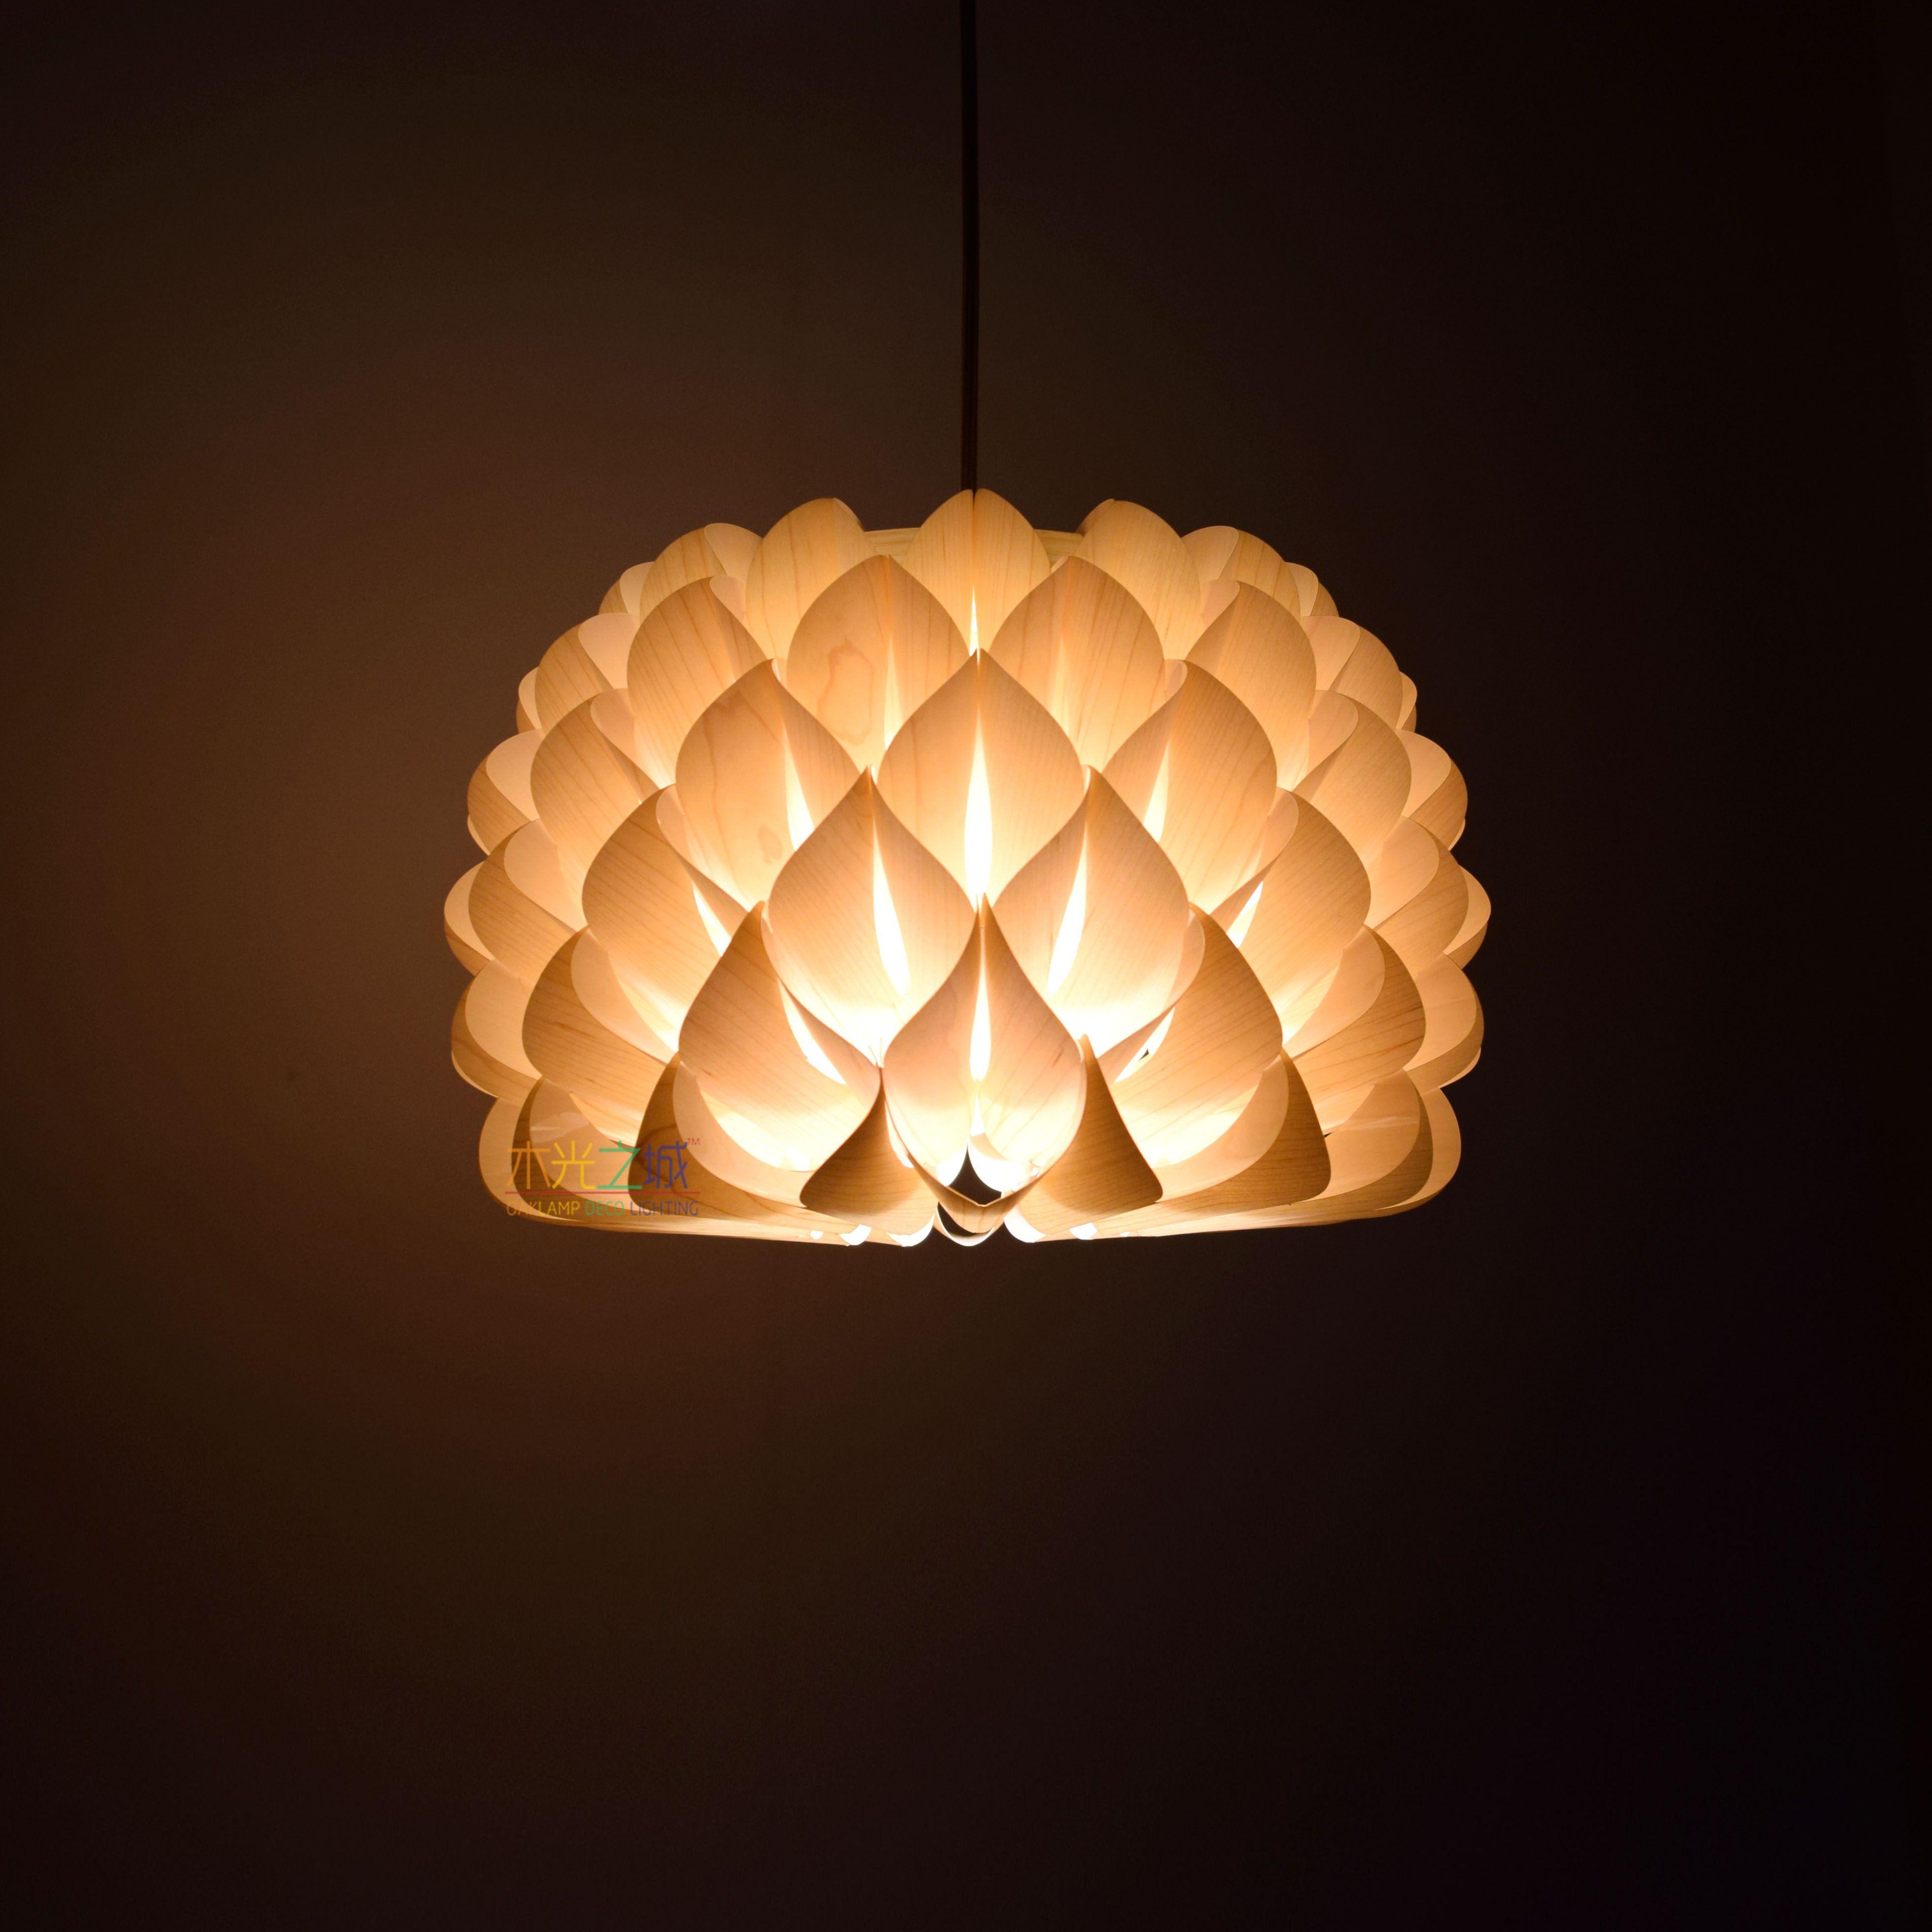 new pendant lighting. New Design!Pendant Light//Bloom Pendant Lamp,Maple Veneer//Modern Chandelier Lighting-Dining Lamp-Ceiling Light-Pendant Lighting